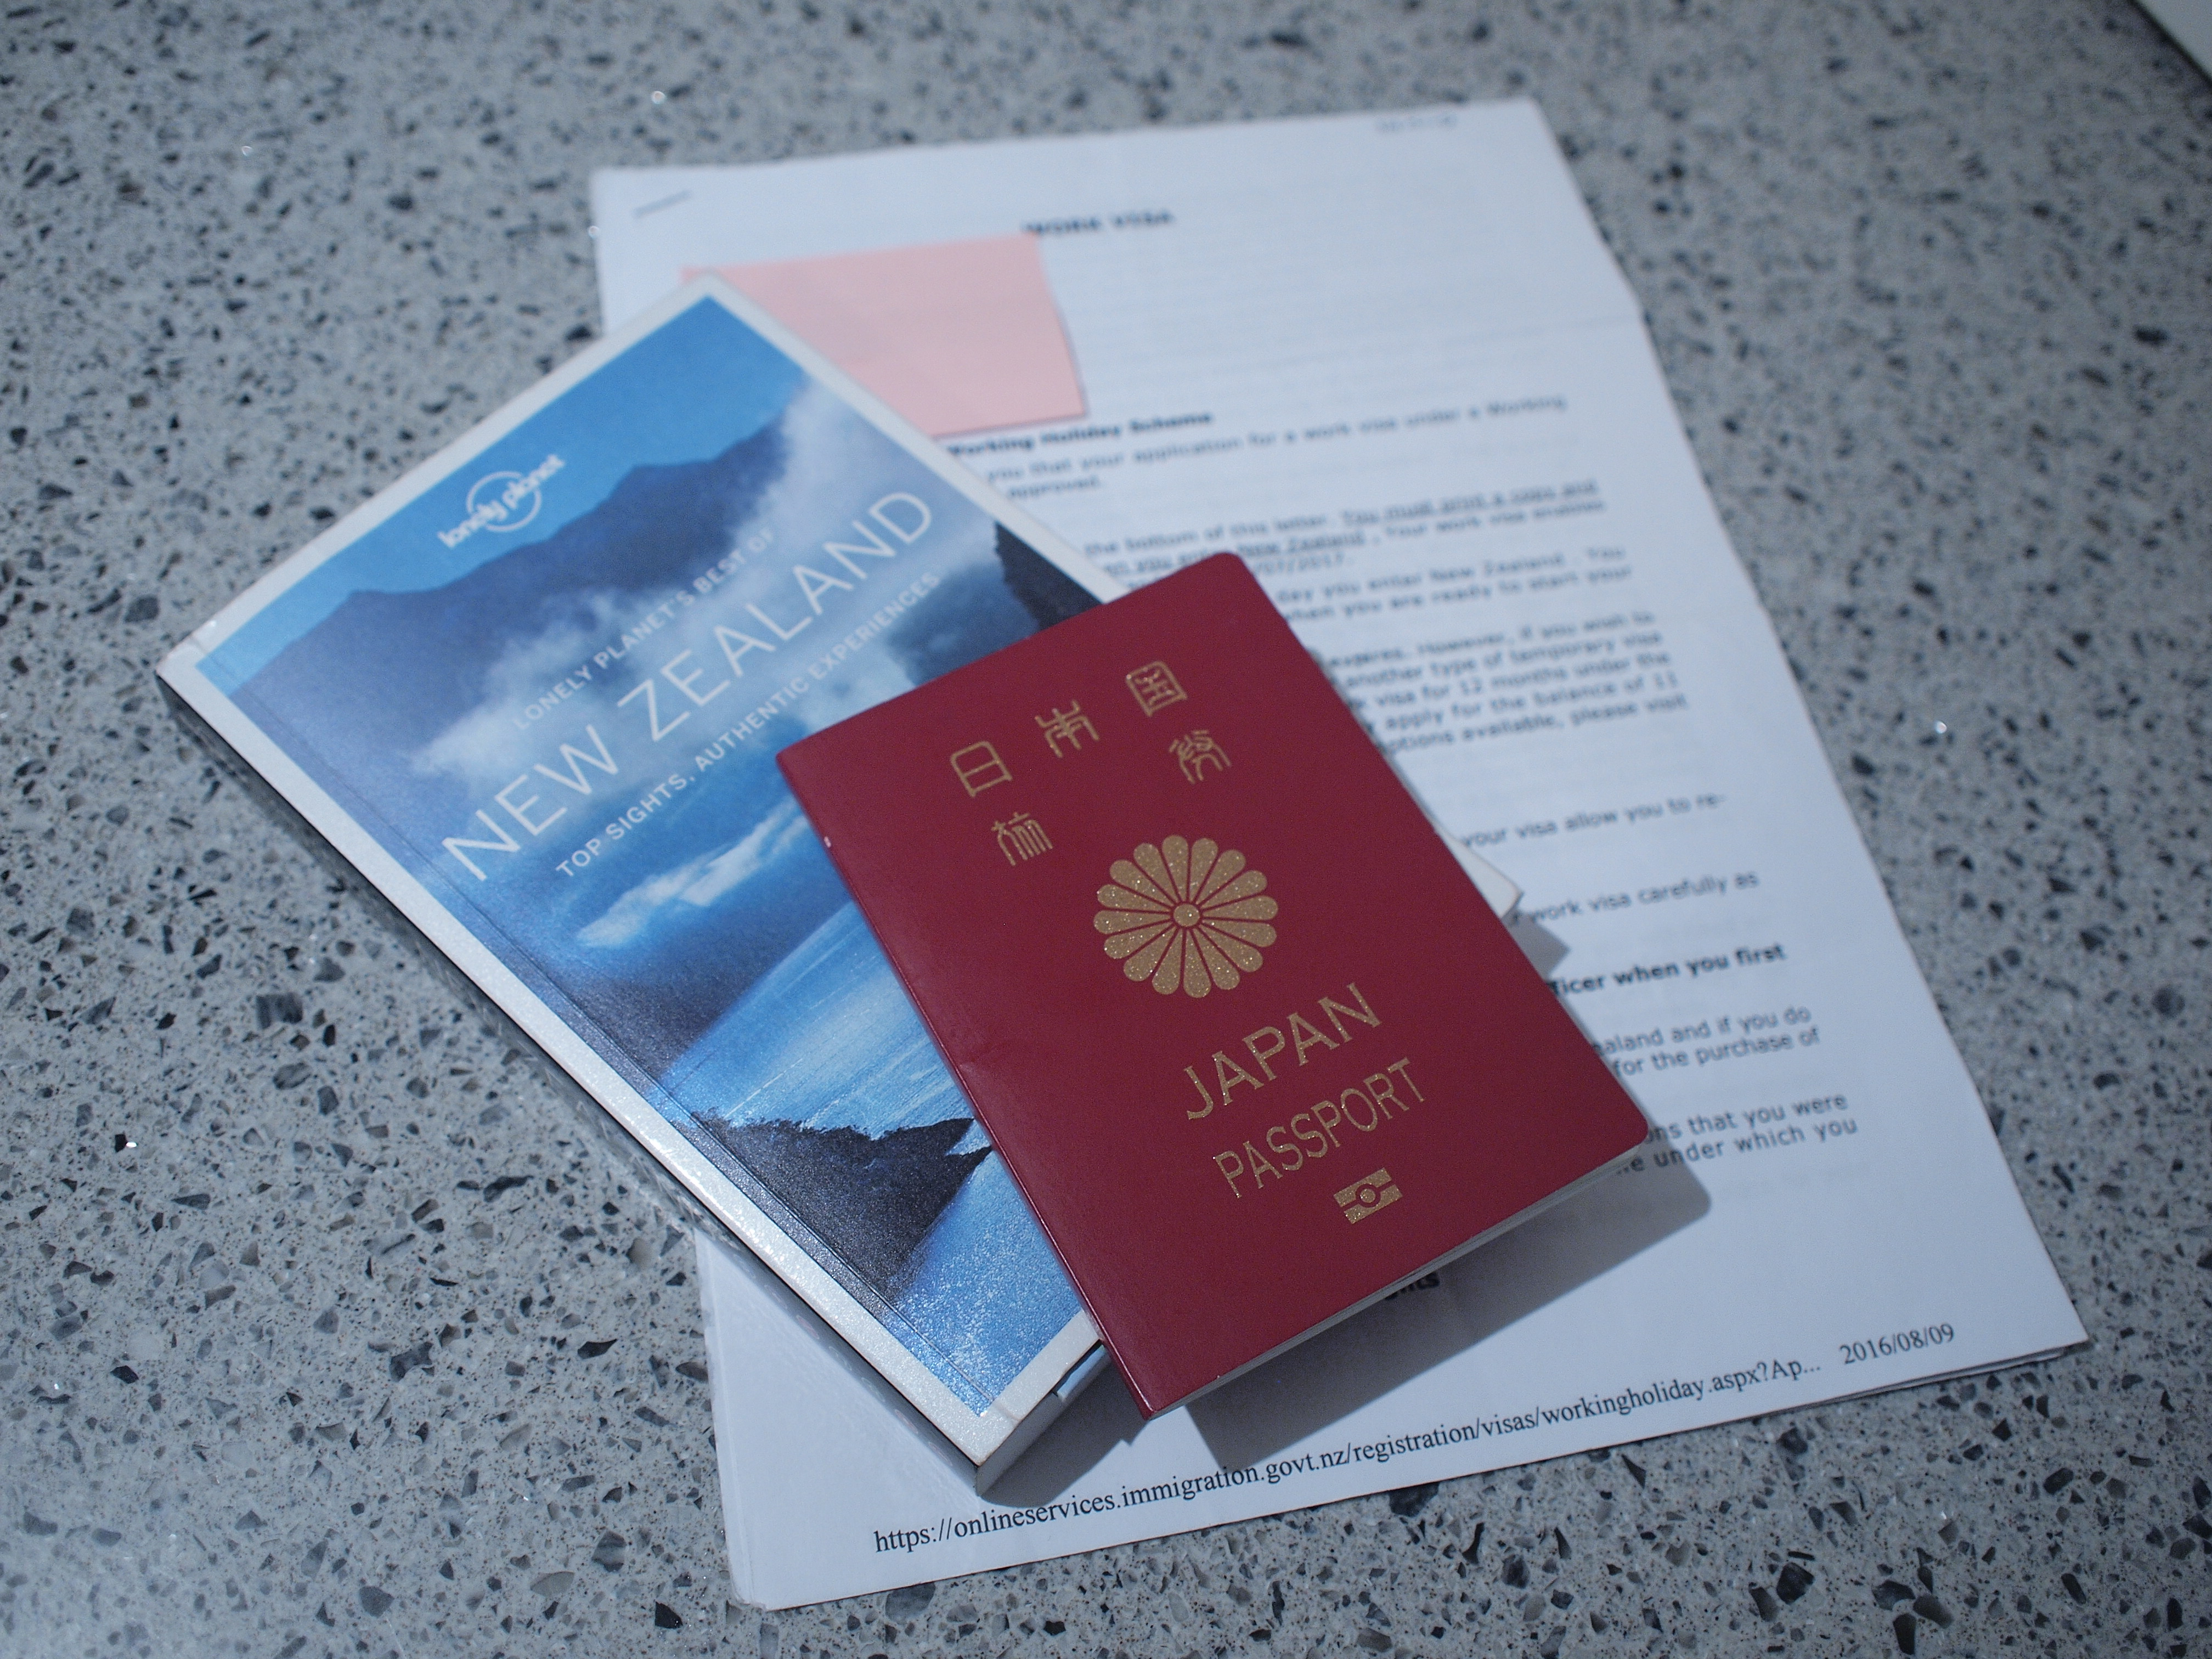 ニュージーランド ワーキングホリデービザ申請